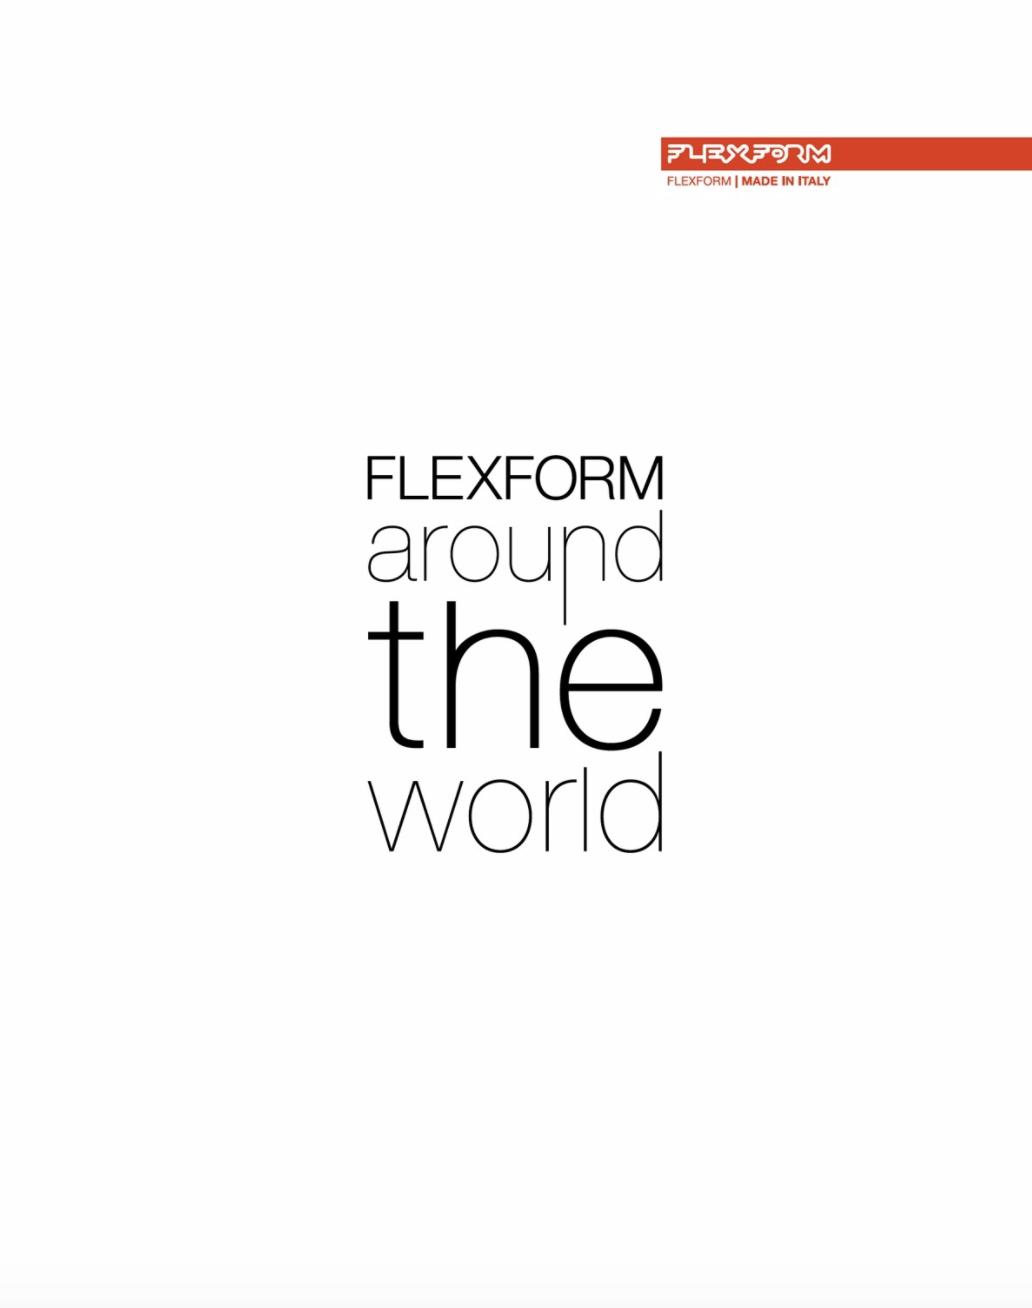 Flexform Around The World